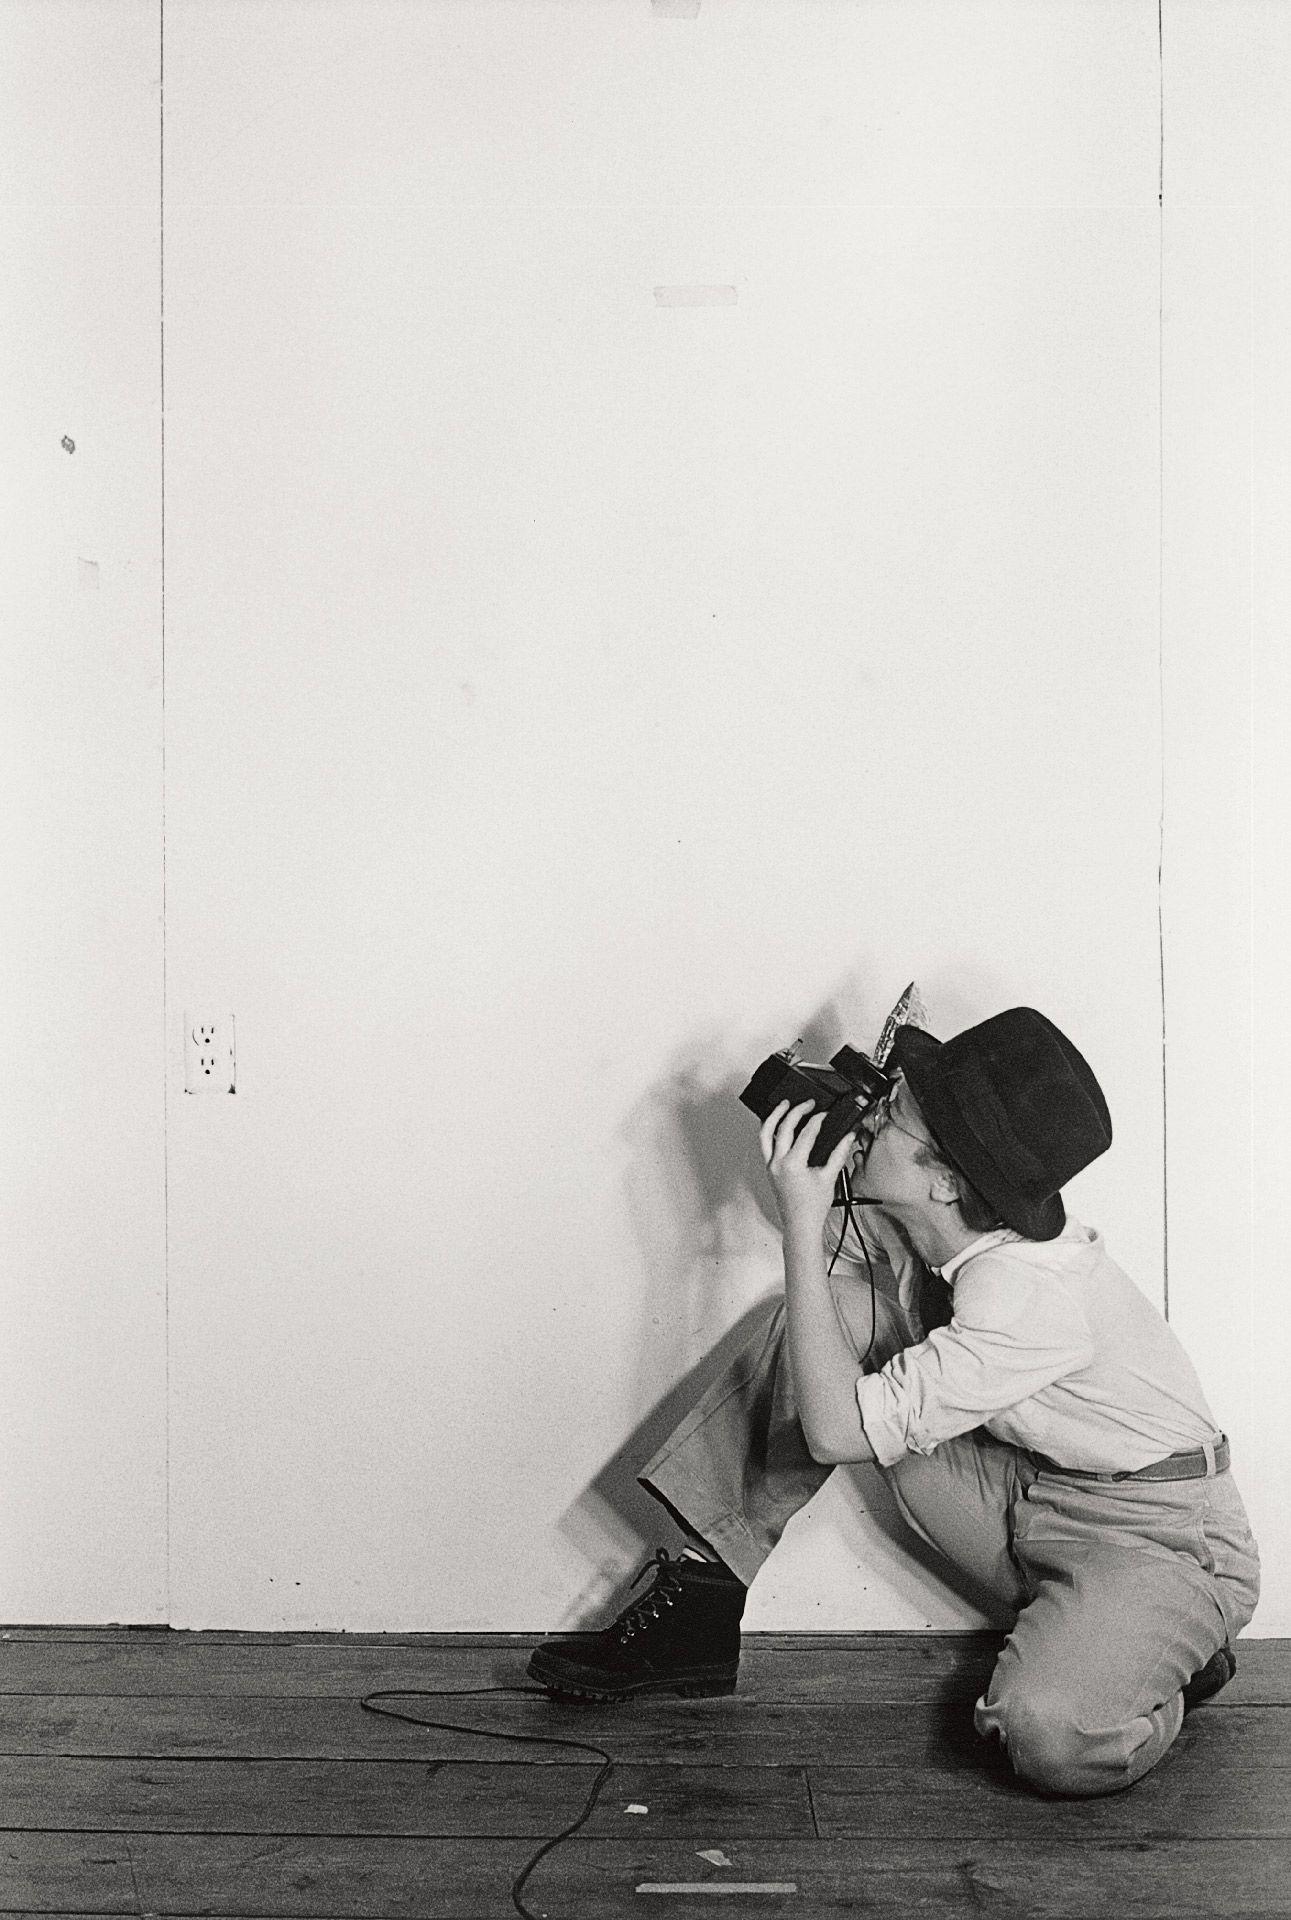 Cindy Sherman (née en 1954), Sans titre no 378, 1976-2000, épreuve à la gélatine argentique, 15/20. Collection Carol et David Appel. Courtesy of the artist and Metro Pictures, New York